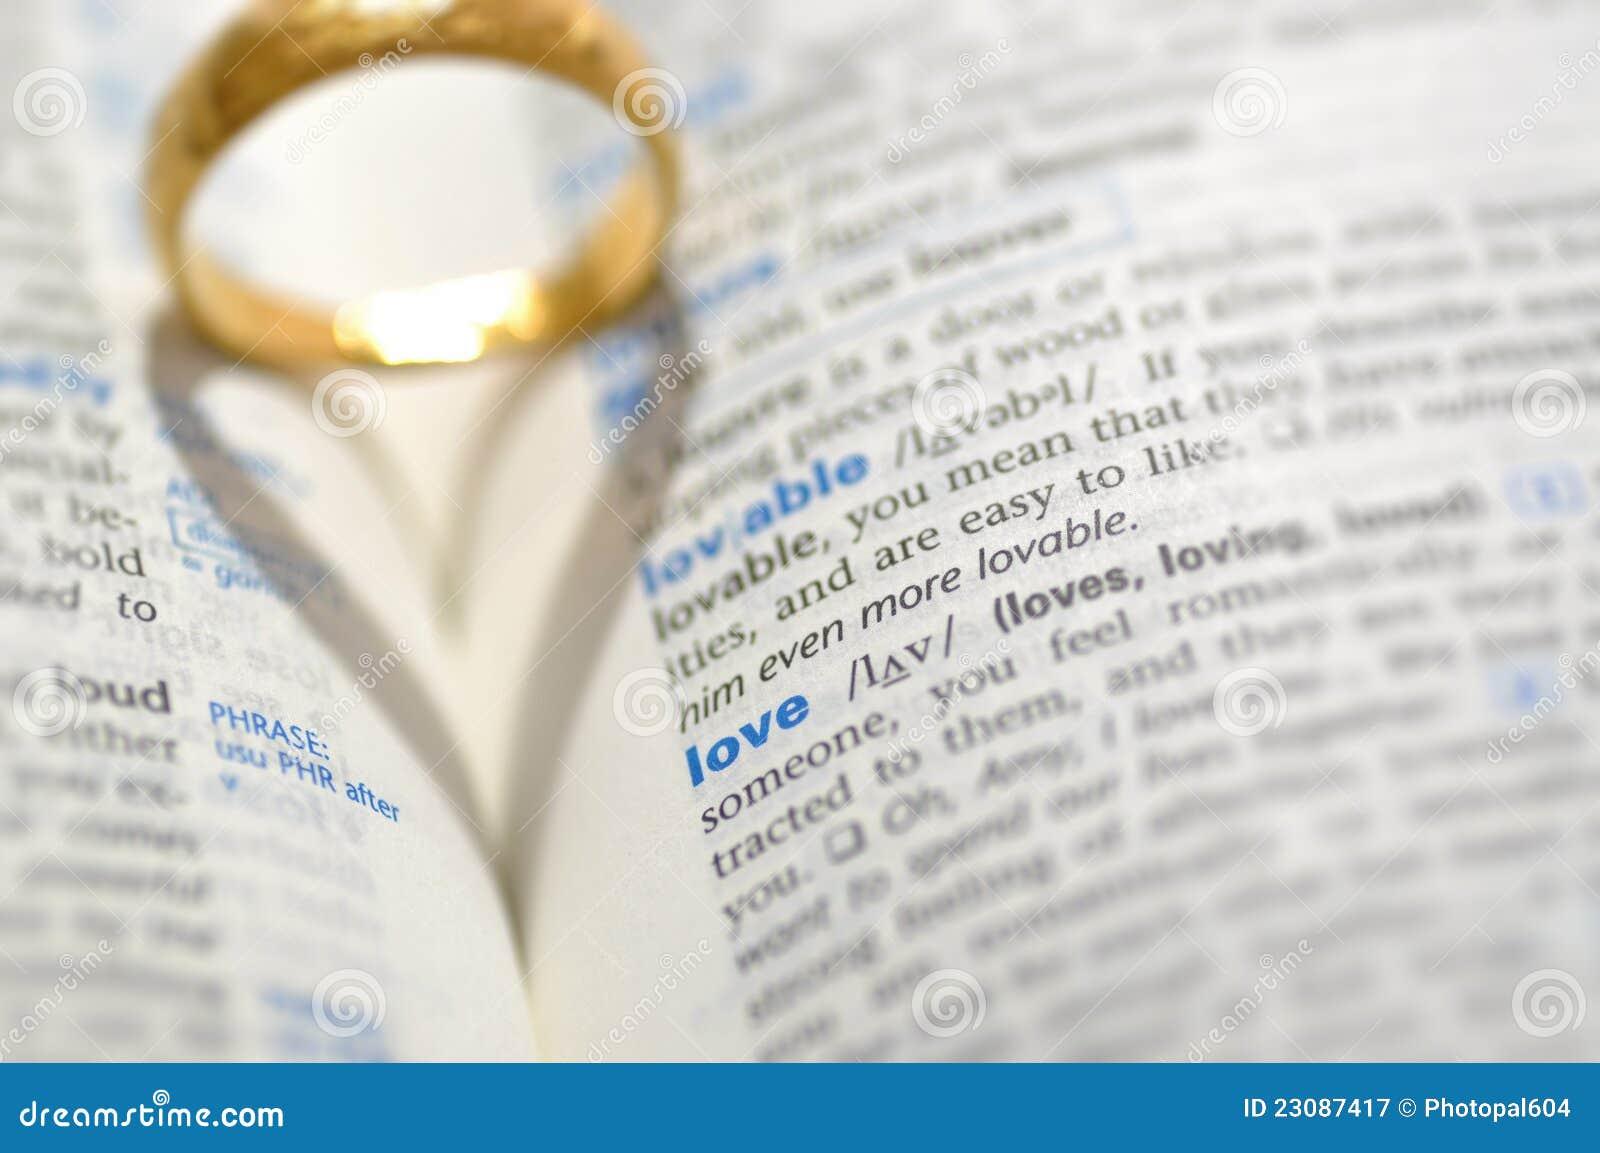 Heiraten Sie mich stockbild. Bild von scripture, christ